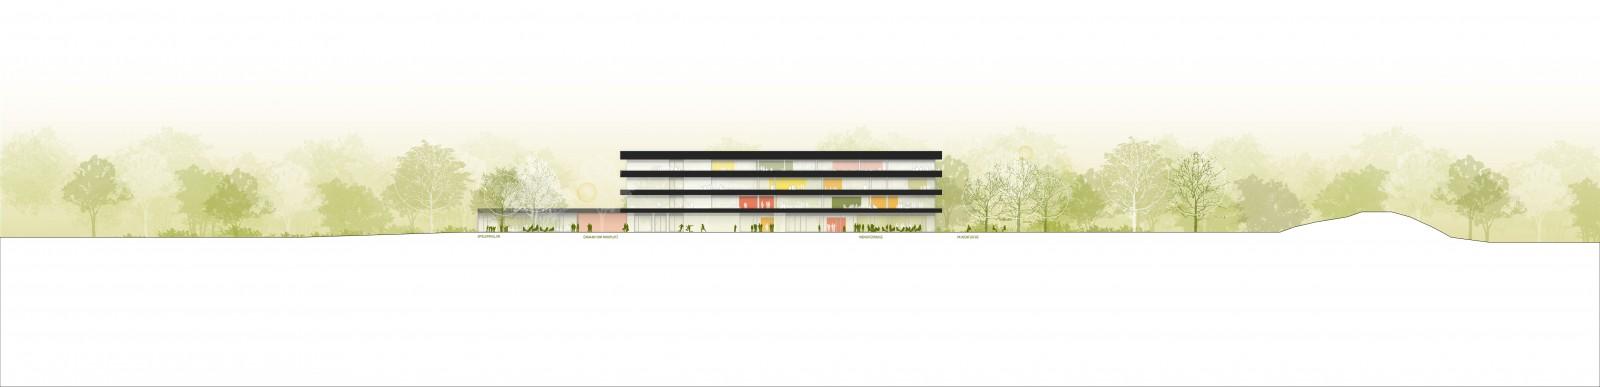 WB Essen Gymnasium 200_Ansichten Schnitte-02